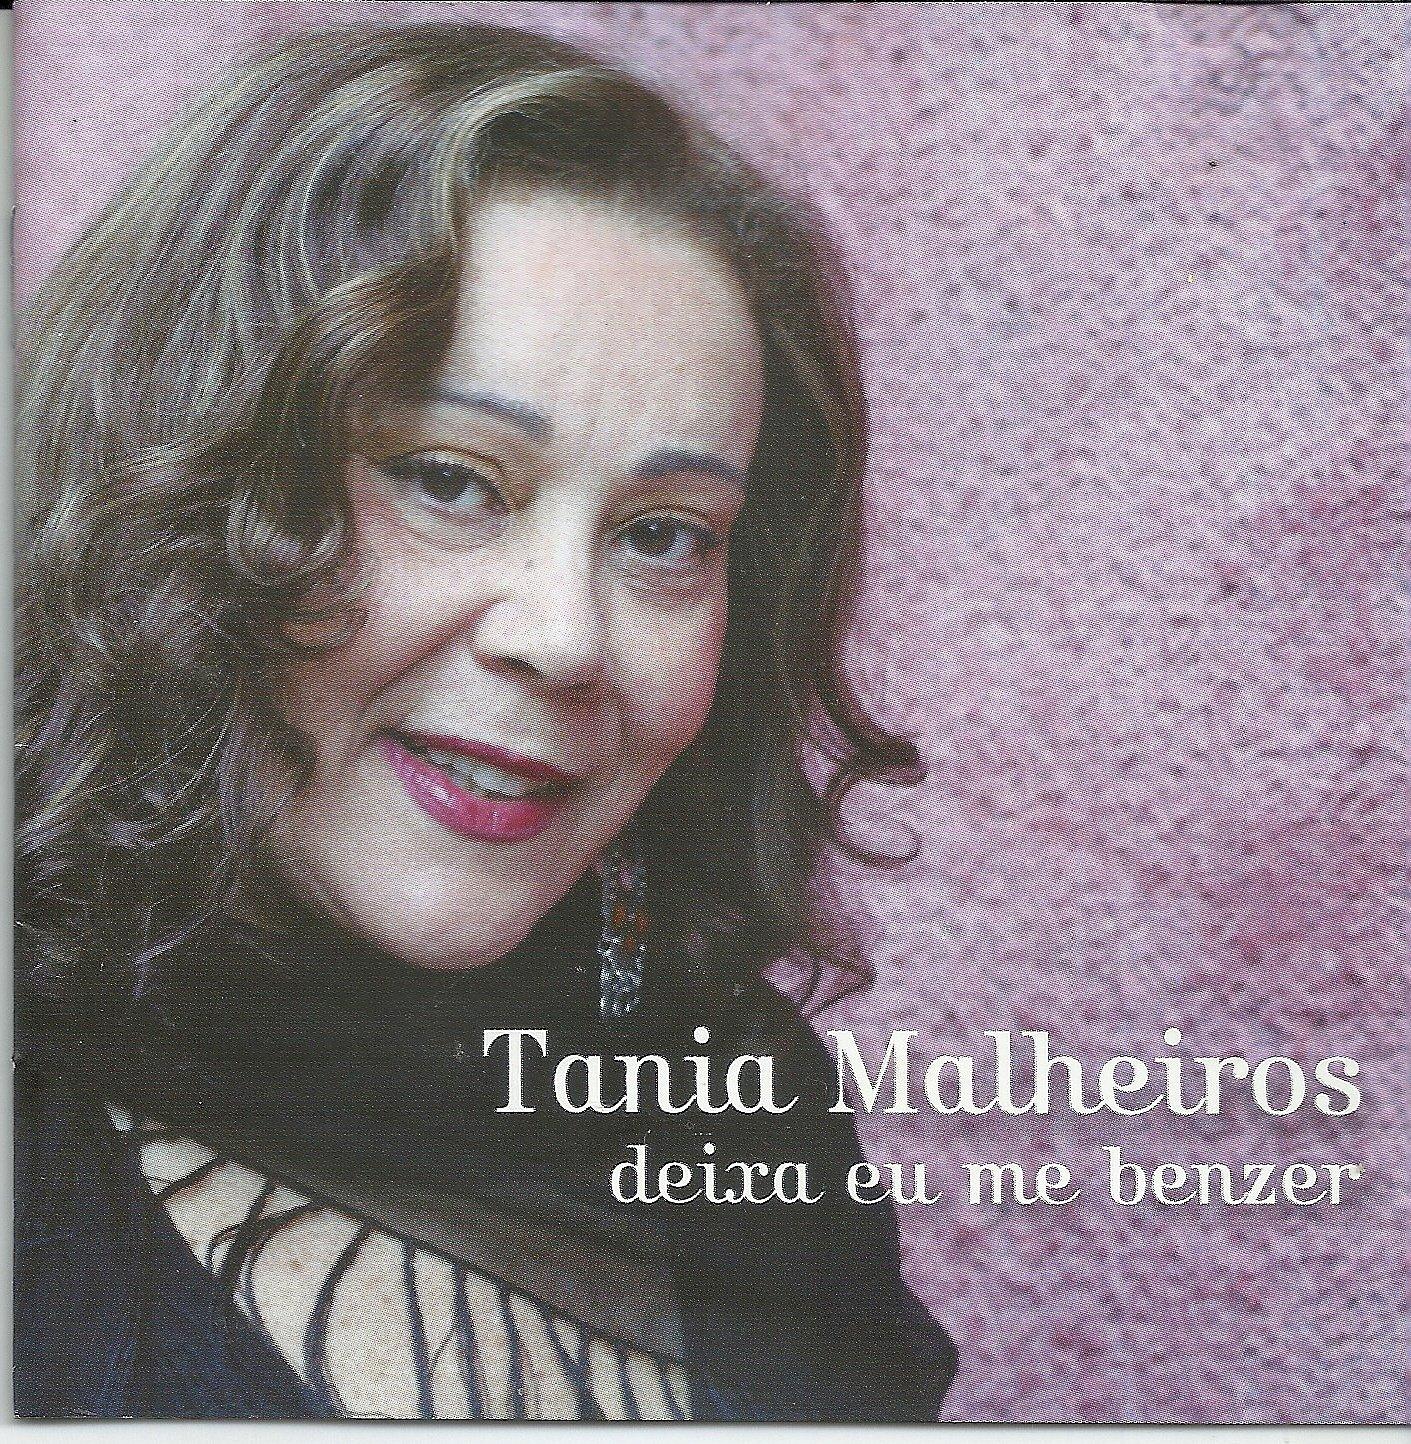 Palavras de Cal, com Tania Malheiros, by Cedro Rosa - TV, Cinema, Publicidade*/Advertising* Uses